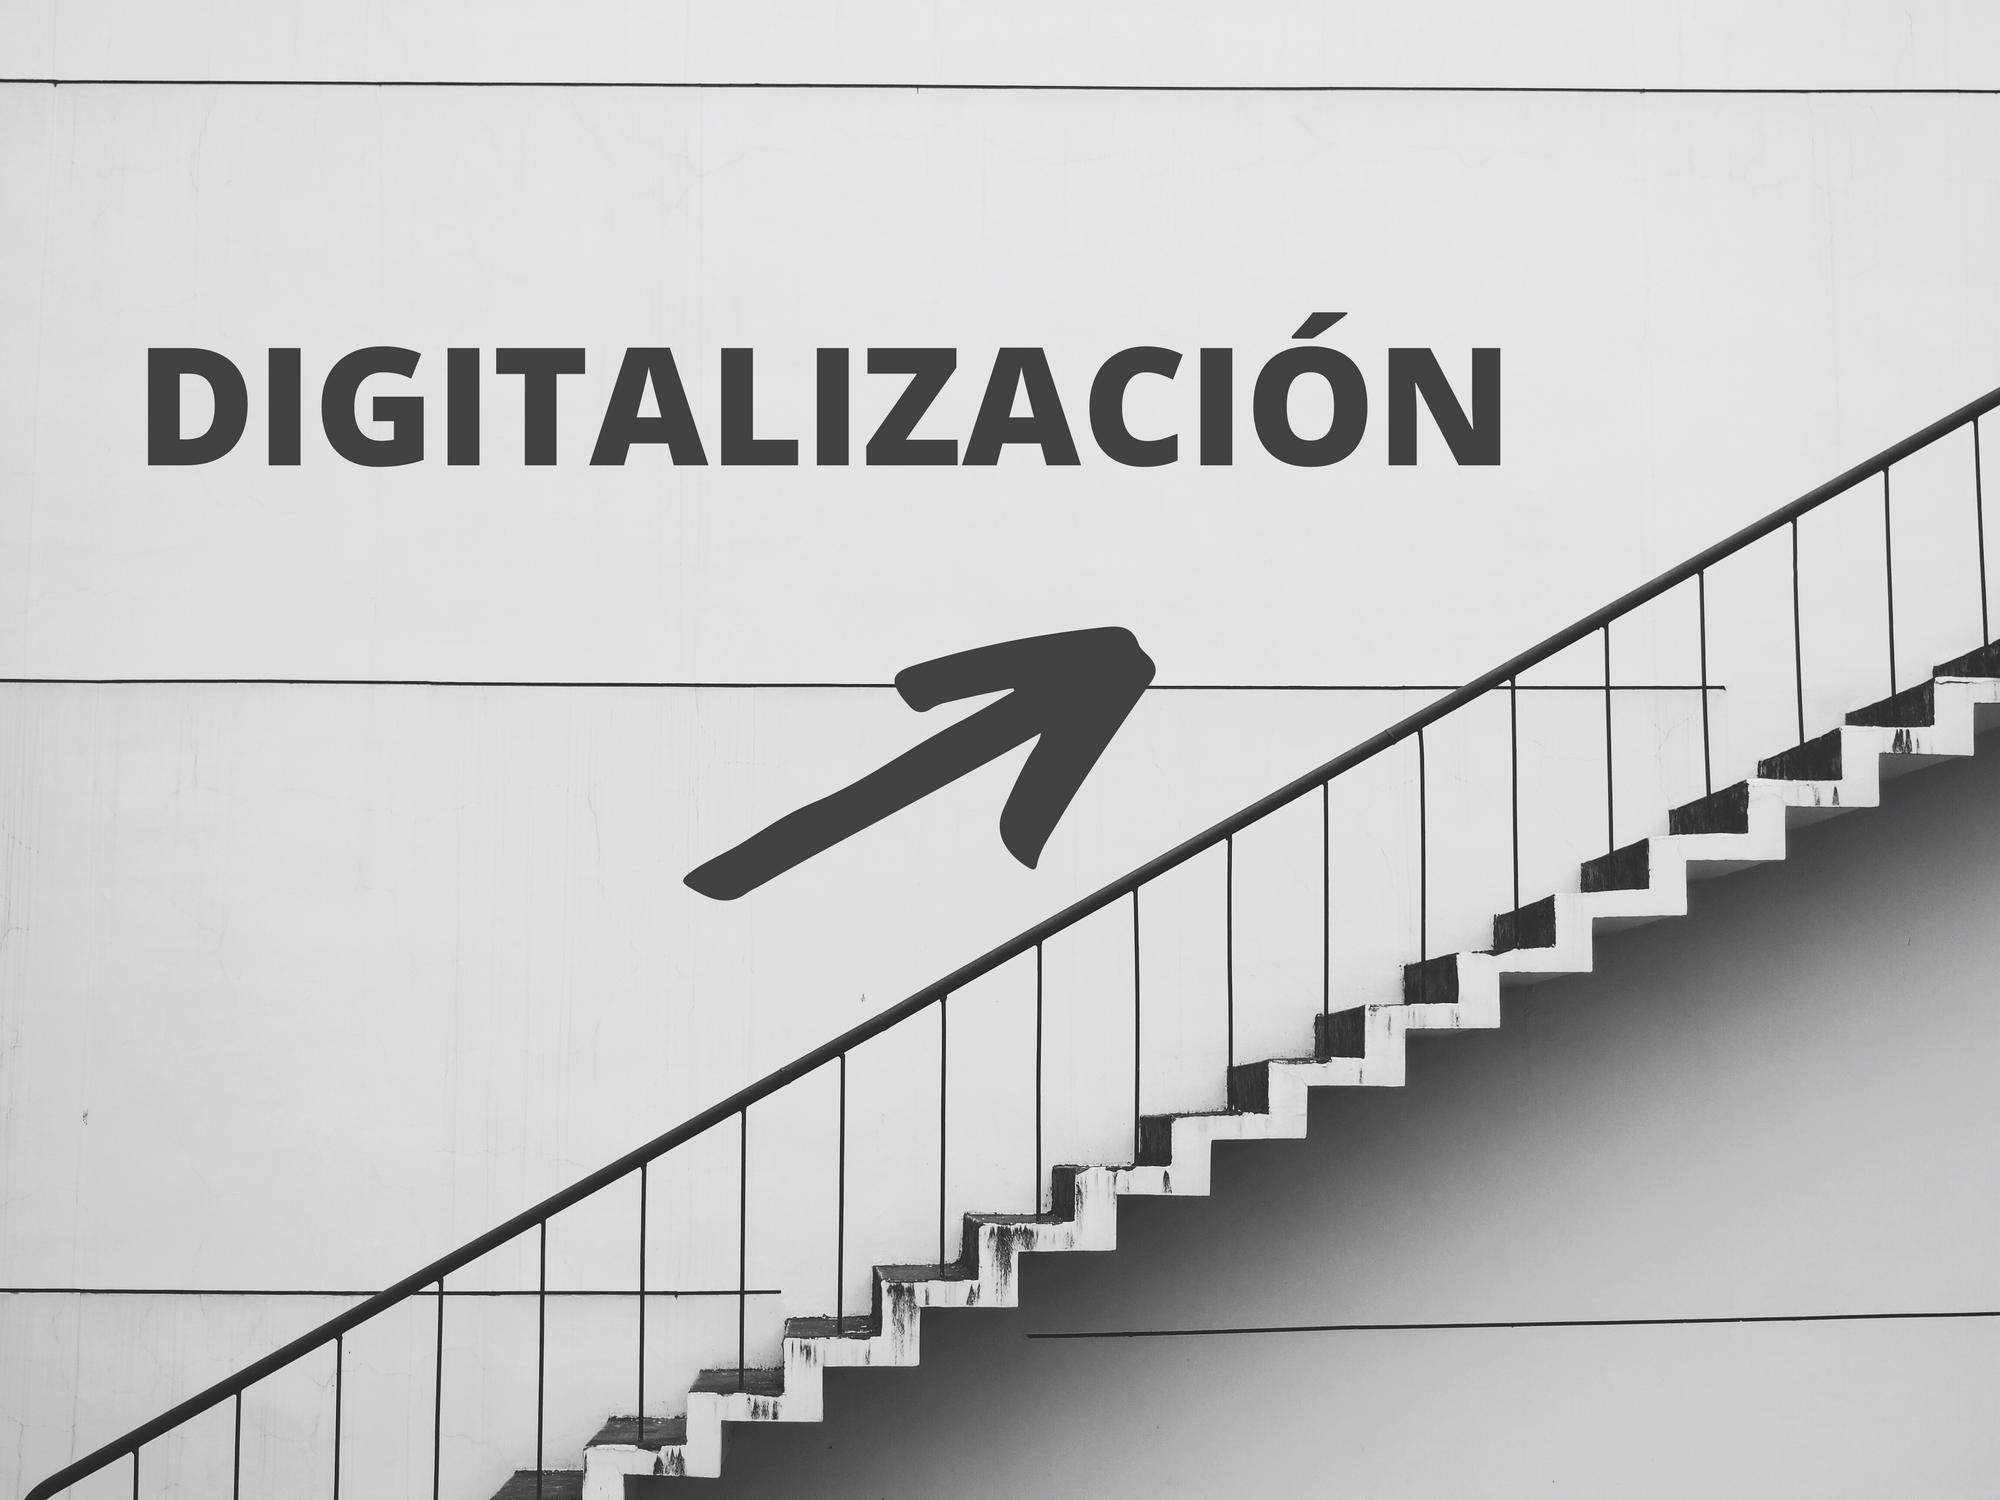 ¿Cuáles son los pasos para digitalizar una empresa?